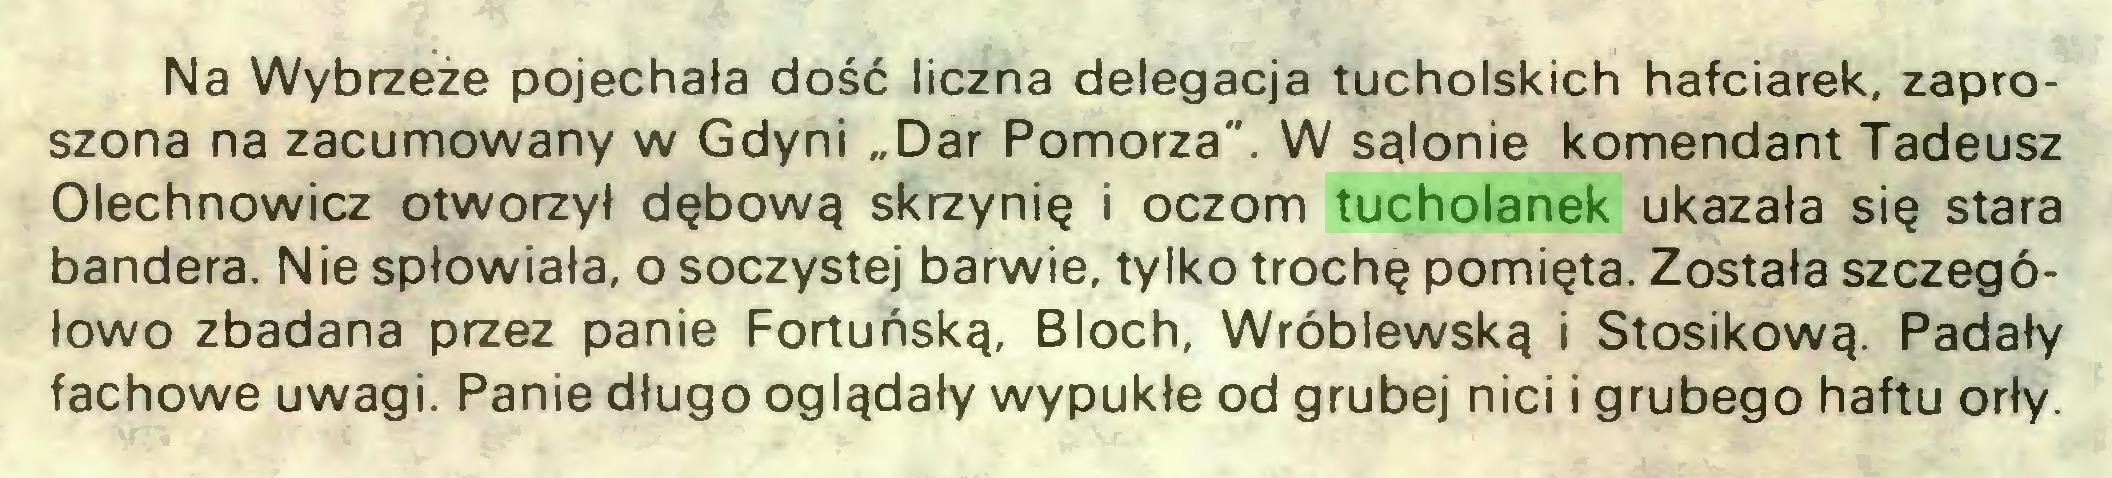 """(...) Na Wybrzeże pojechała dość liczna delegacja tucholskich hafciarek, zaproszona na zacumowany w Gdyni """"Dar Pomorza"""". W salonie komendant Tadeusz Olechnowicz otworzył dębową skrzynię i oczom tucholanek ukazała się stara bandera. Nie spłowiała, o soczystej barwie, tylko trochę pomięta. Została szczegółowo zbadana przez panie Fortuńską, Bloch, Wróblewską i Stosikową. Padały fachowe uwagi. Panie długo oglądały wypukłe od grubej nici i grubego haftu orły..."""